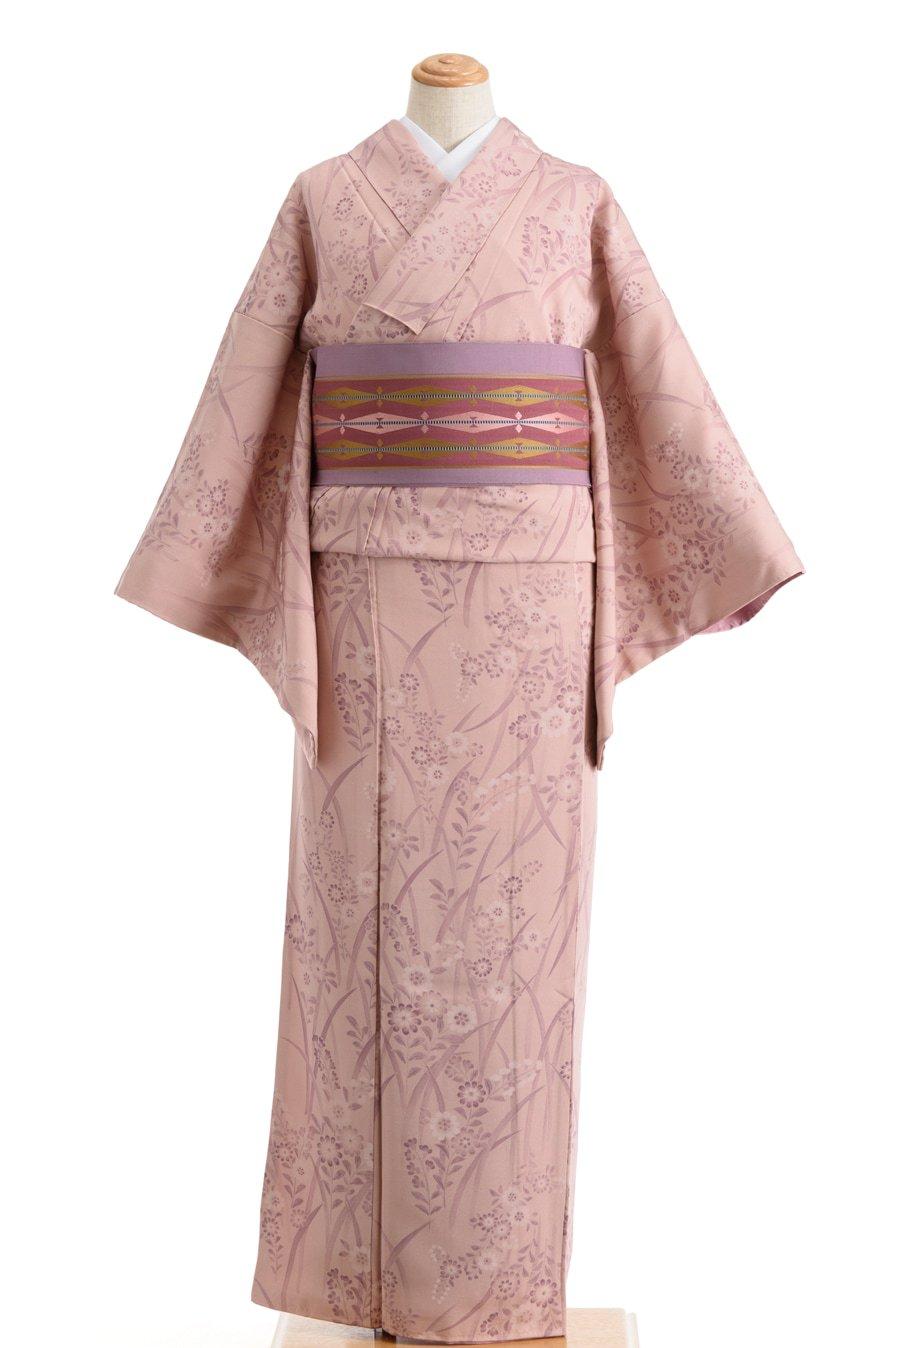 「小ぶりの菊花」の商品画像